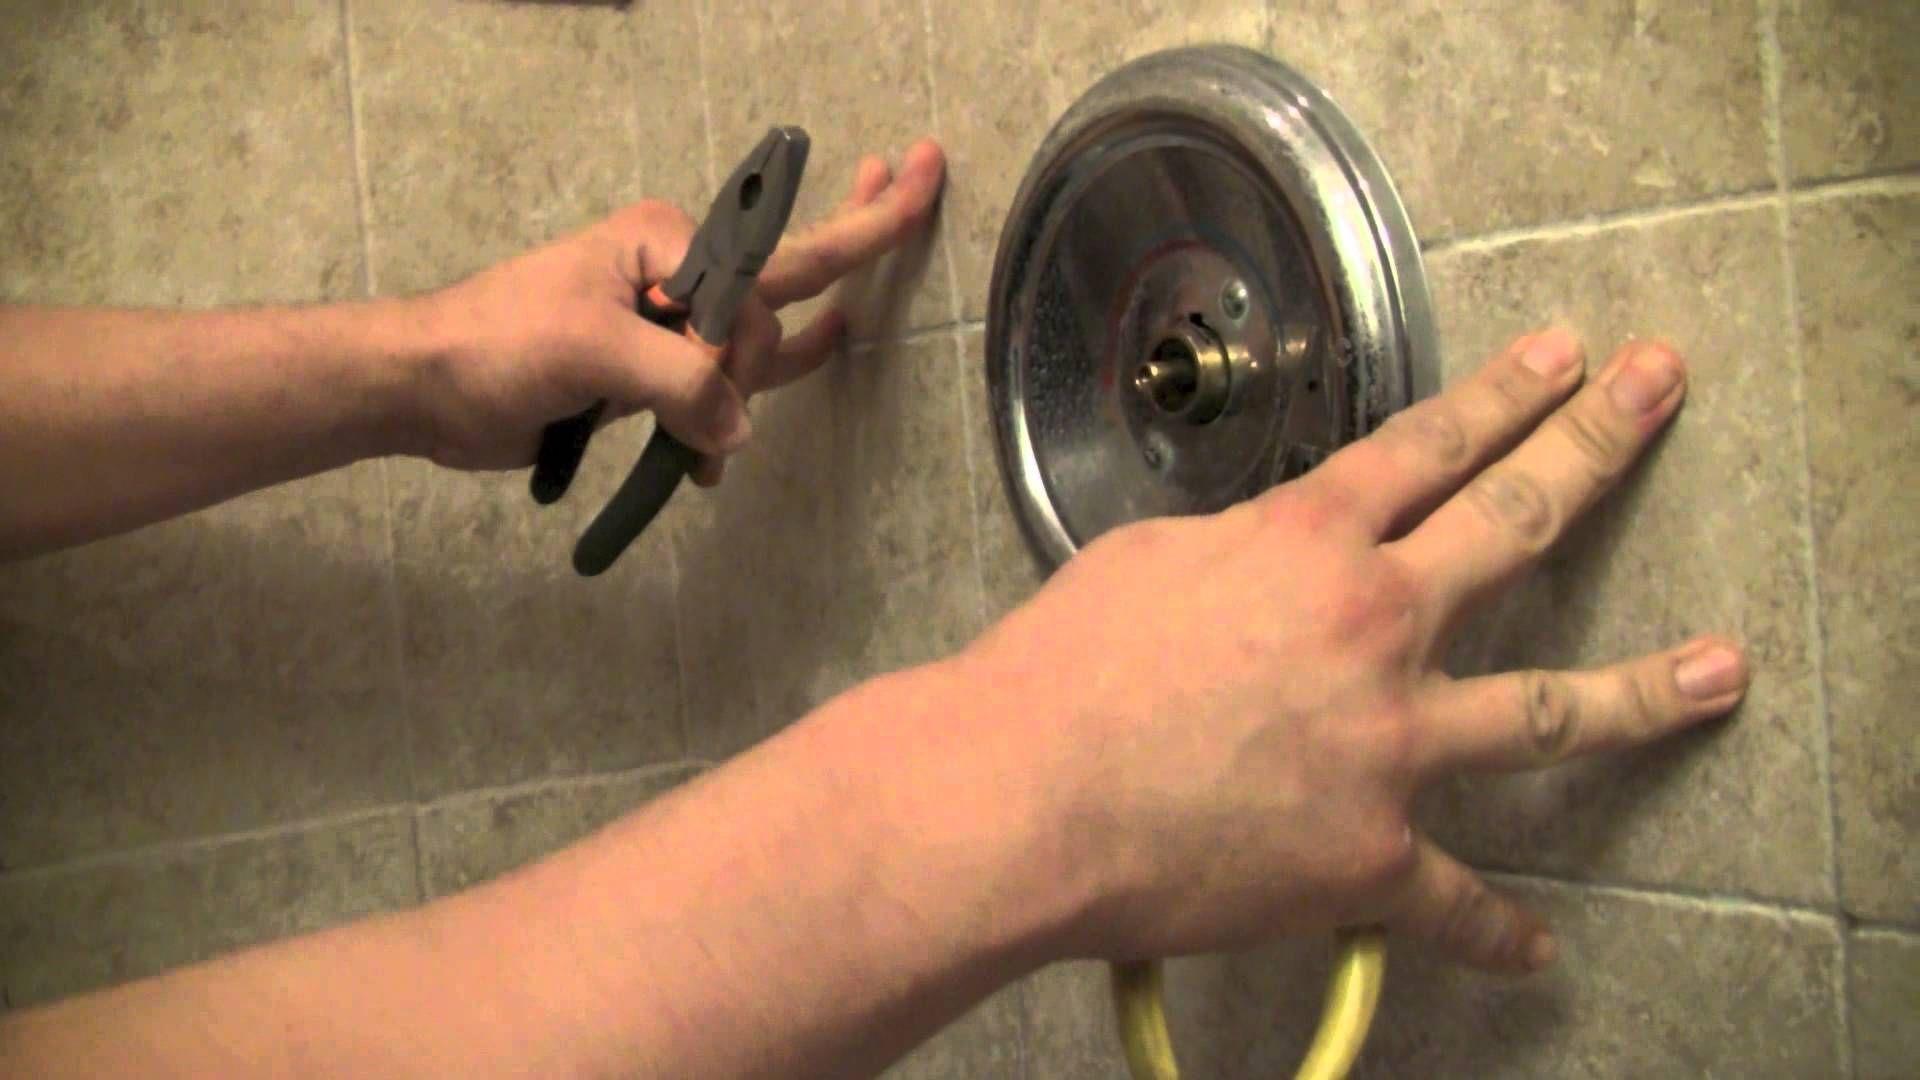 Diy How To Repair A Moen Shower Faucet Moen Shower Bathtub